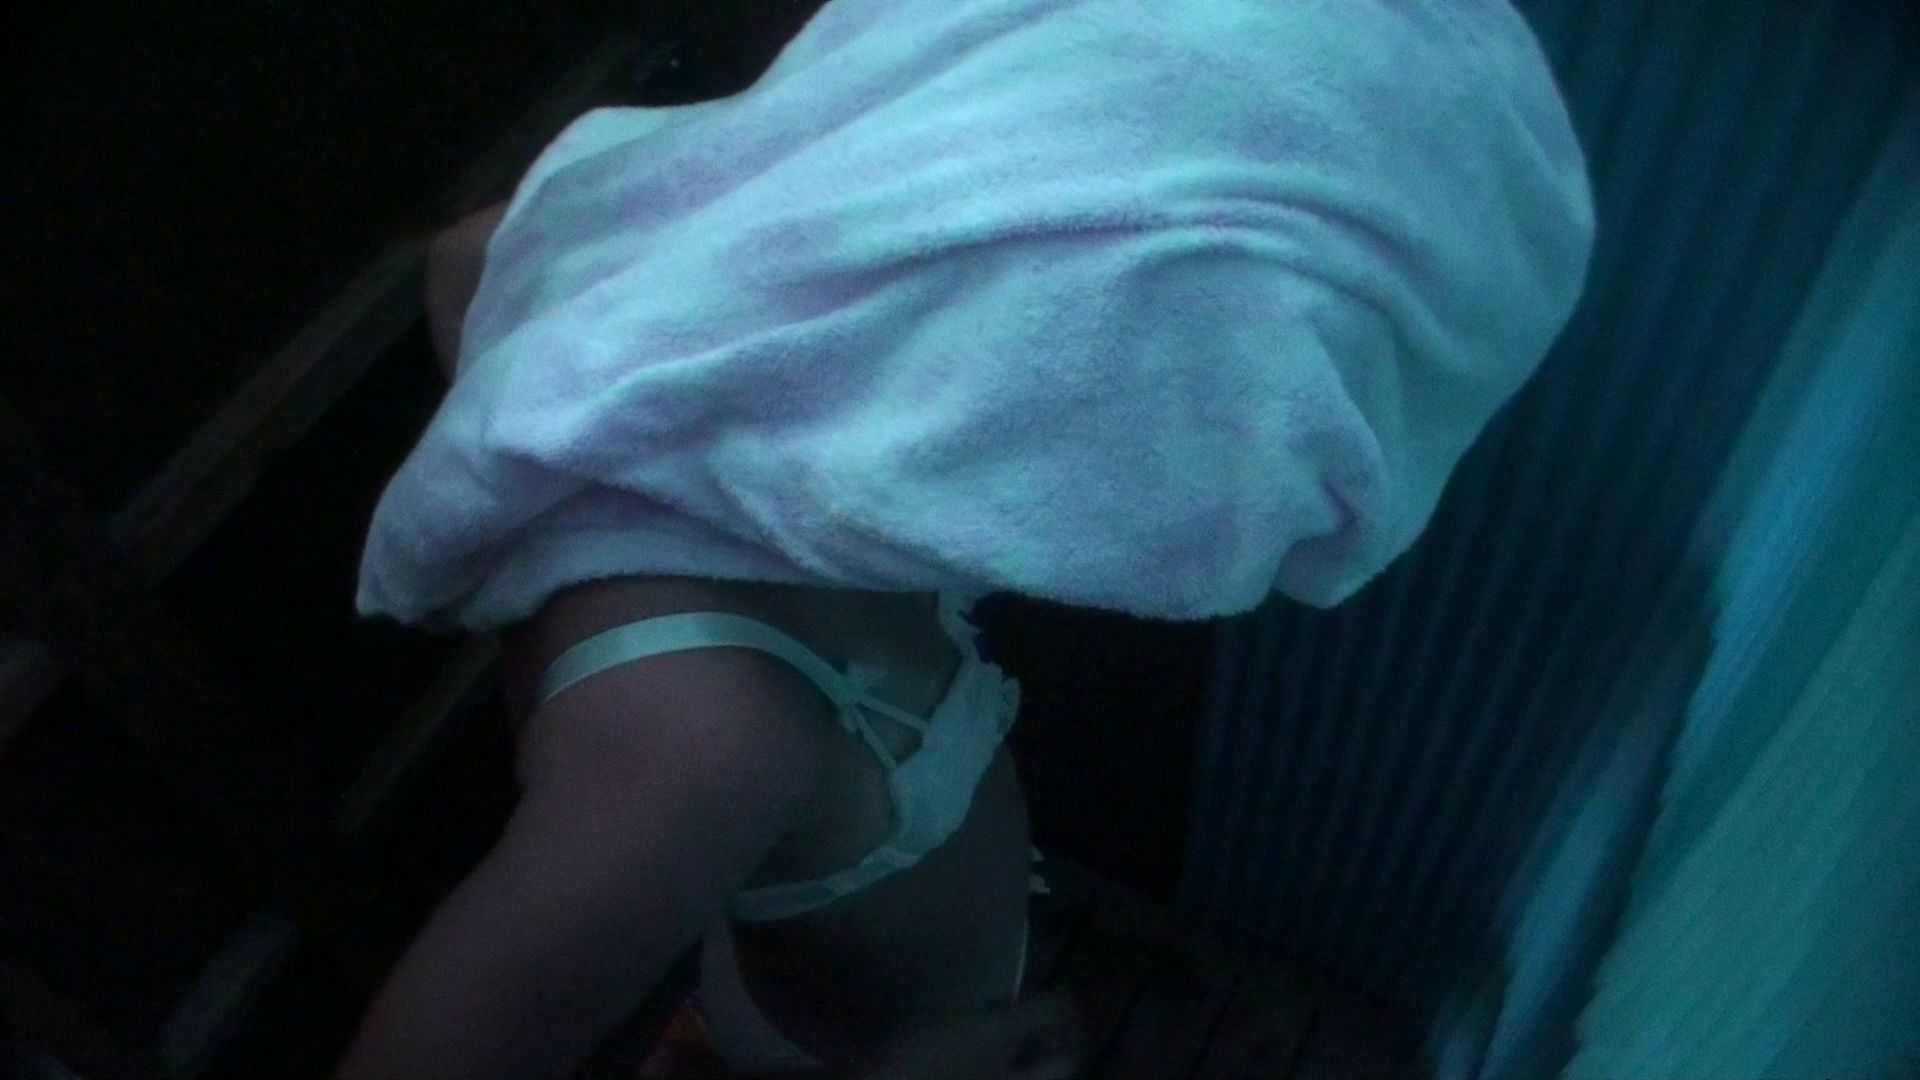 シャワールームは超!!危険な香りVol.26 大学生風美形ギャル 暗さが残念! シャワー | 高画質  106画像 21